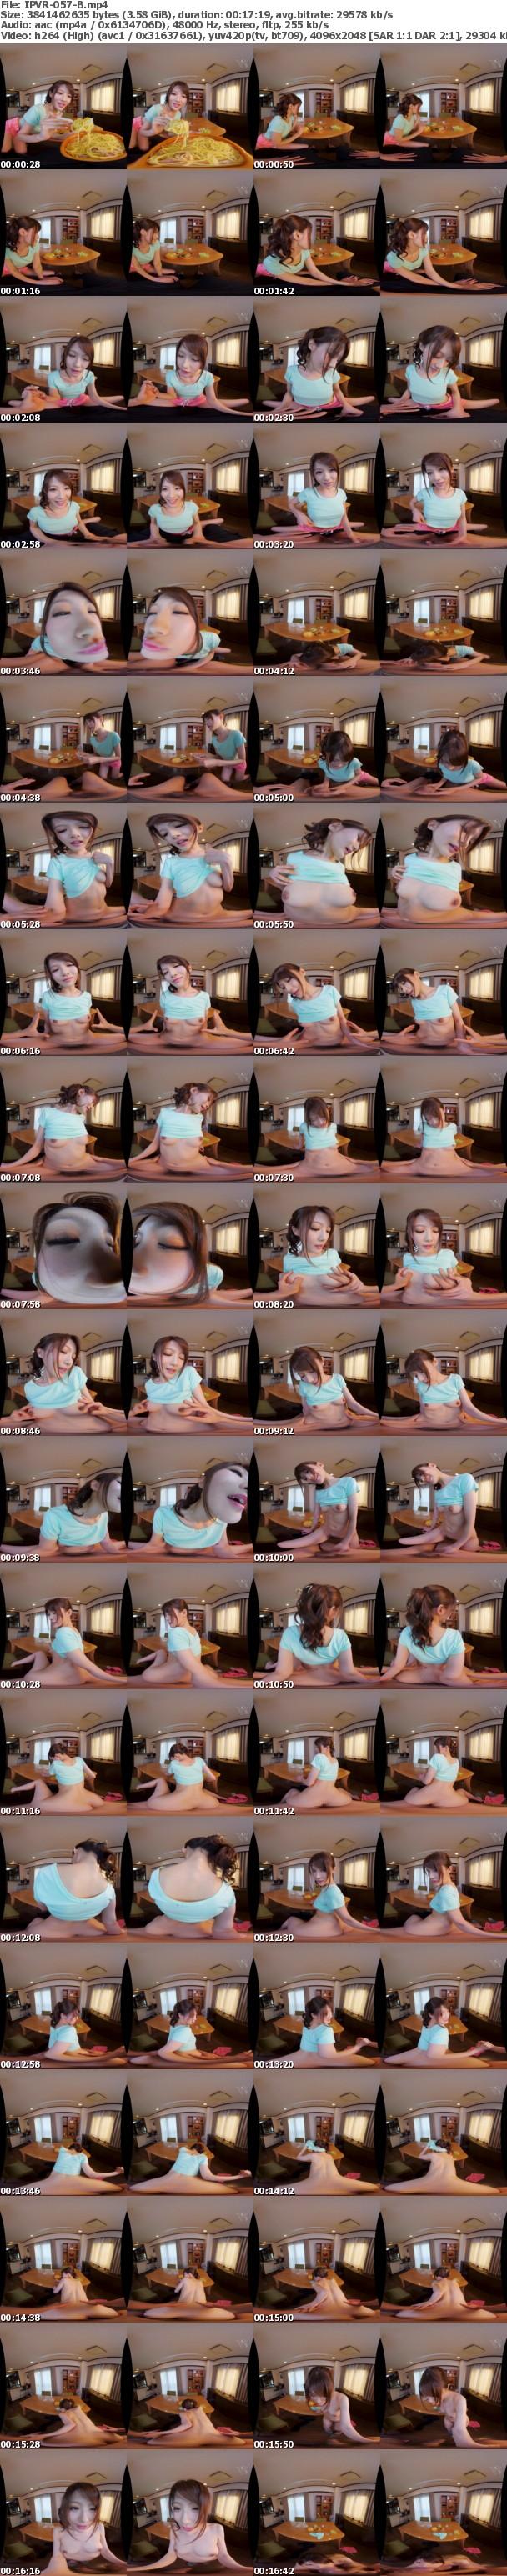 (VR) IPVR-057 1週間禁欲し彼女不在の日を狙って彼女のお姉さんと朝から晩までヤリまくる最低浮気VR